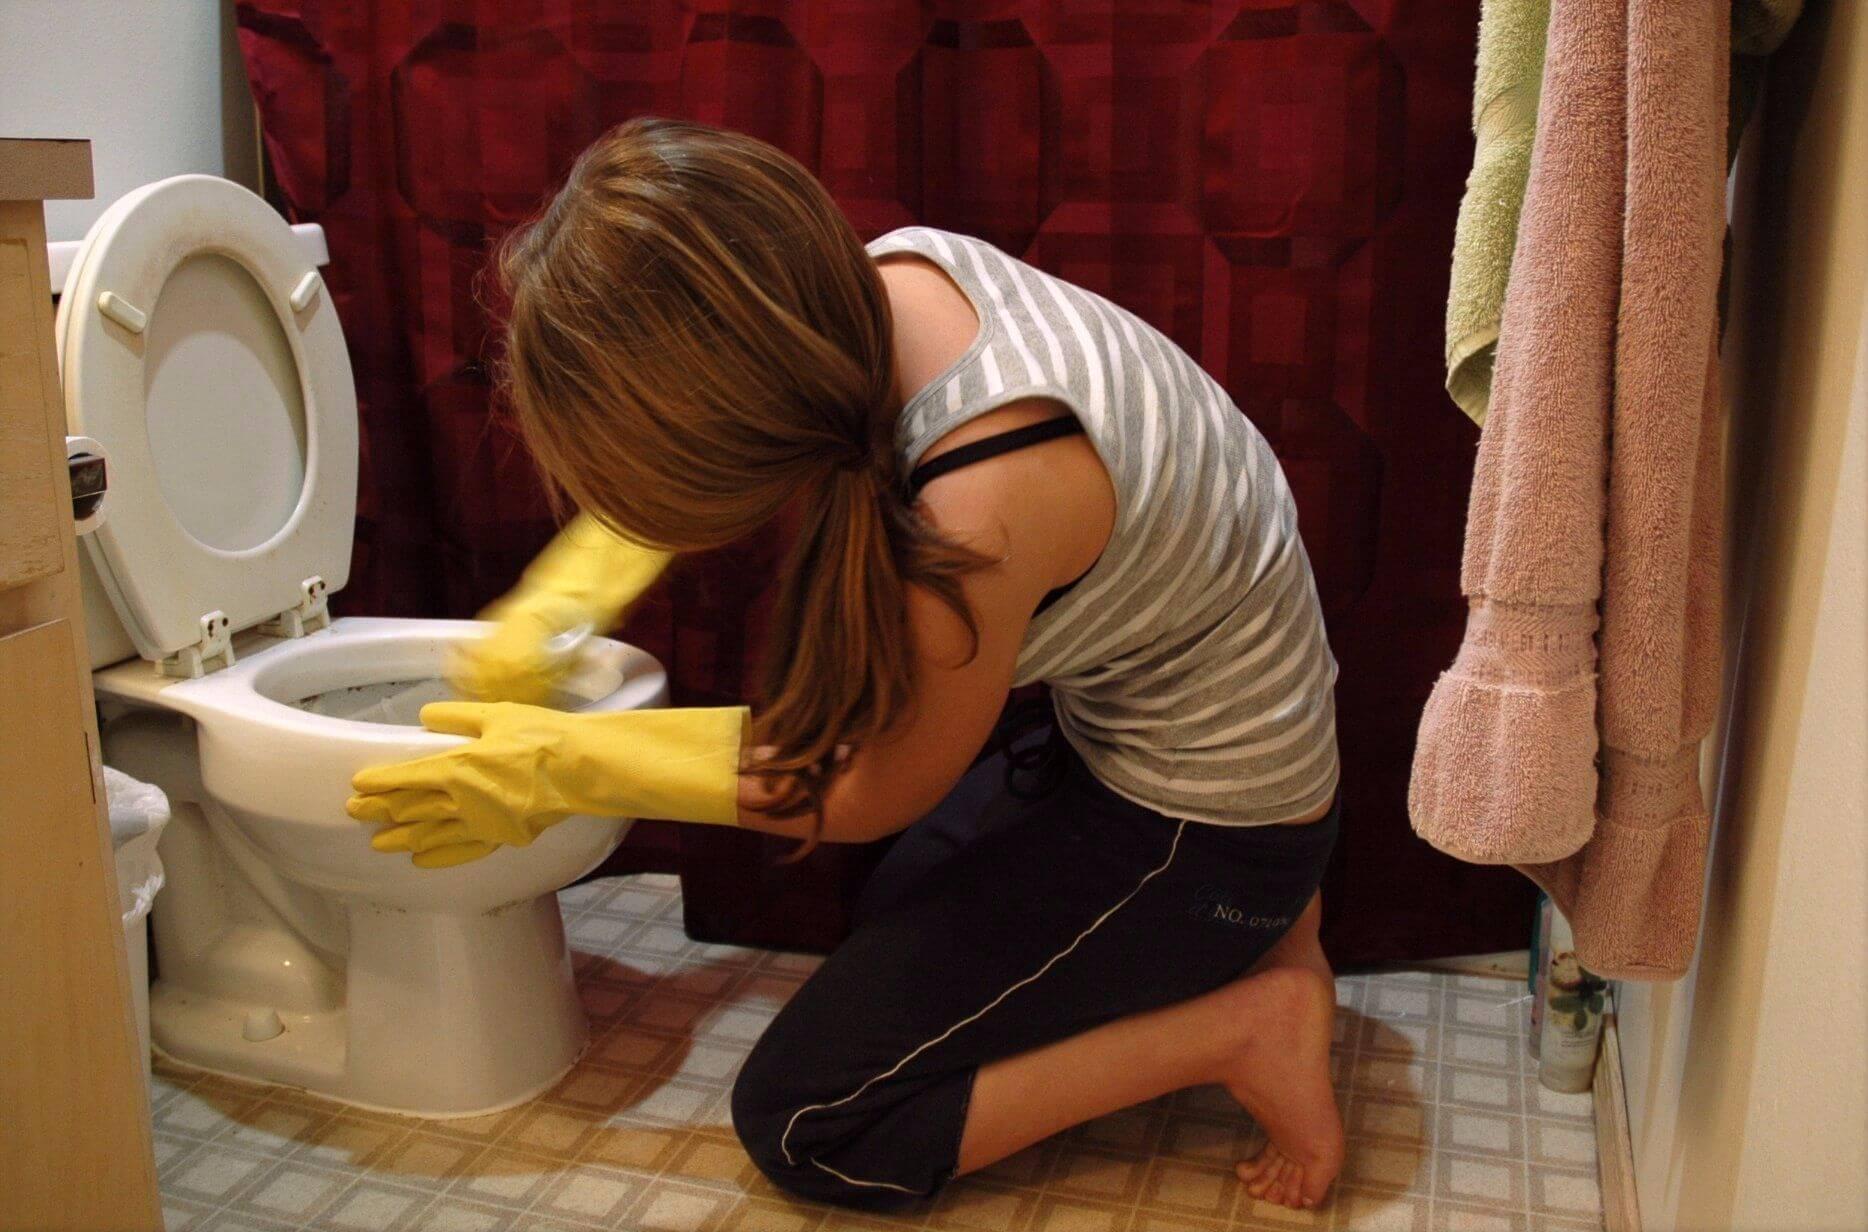 Туалет и девушки, HD cкрытая камера в женском туалете 12 фотография